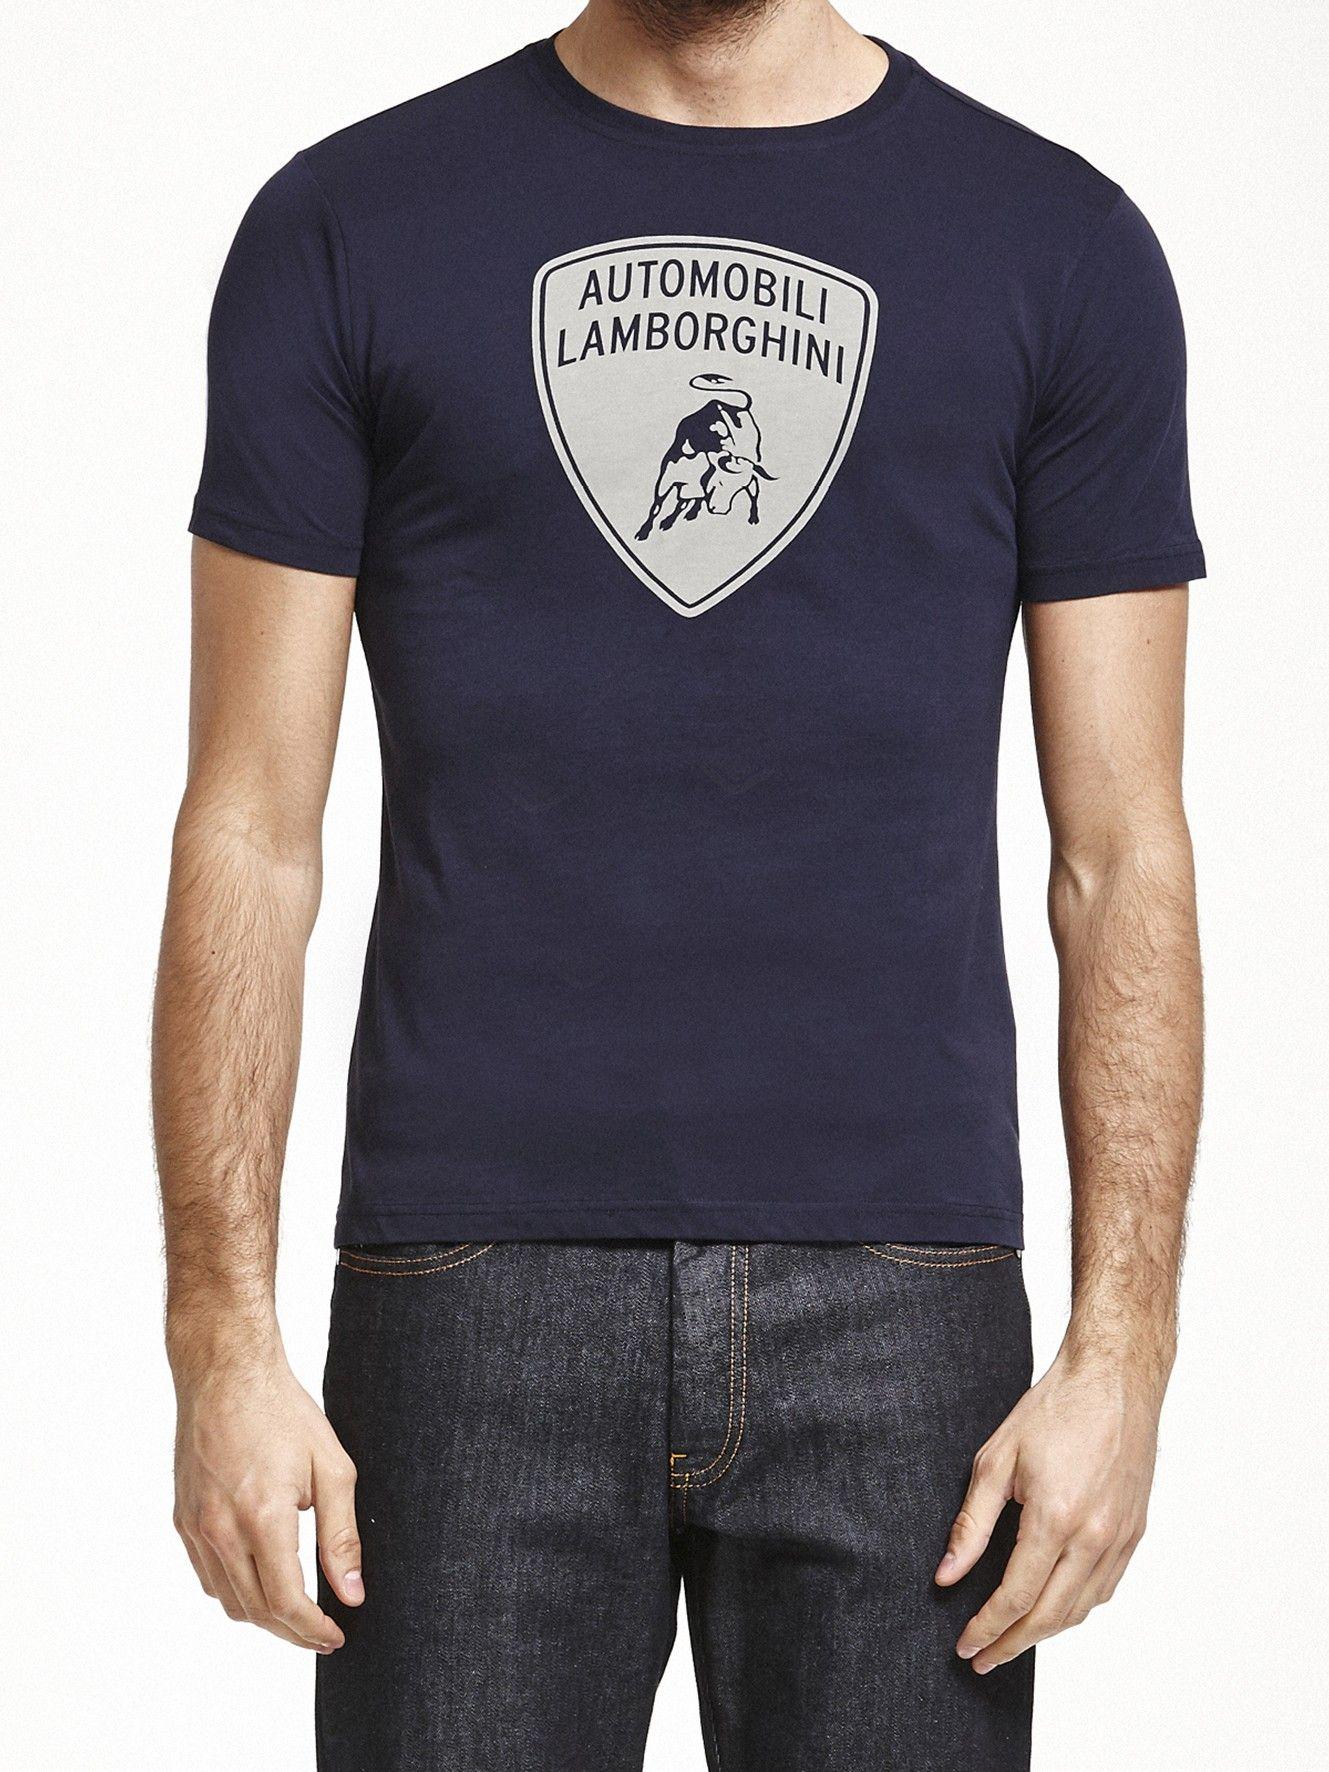 blue shield t shirt collezione automobili lamborghini. Black Bedroom Furniture Sets. Home Design Ideas